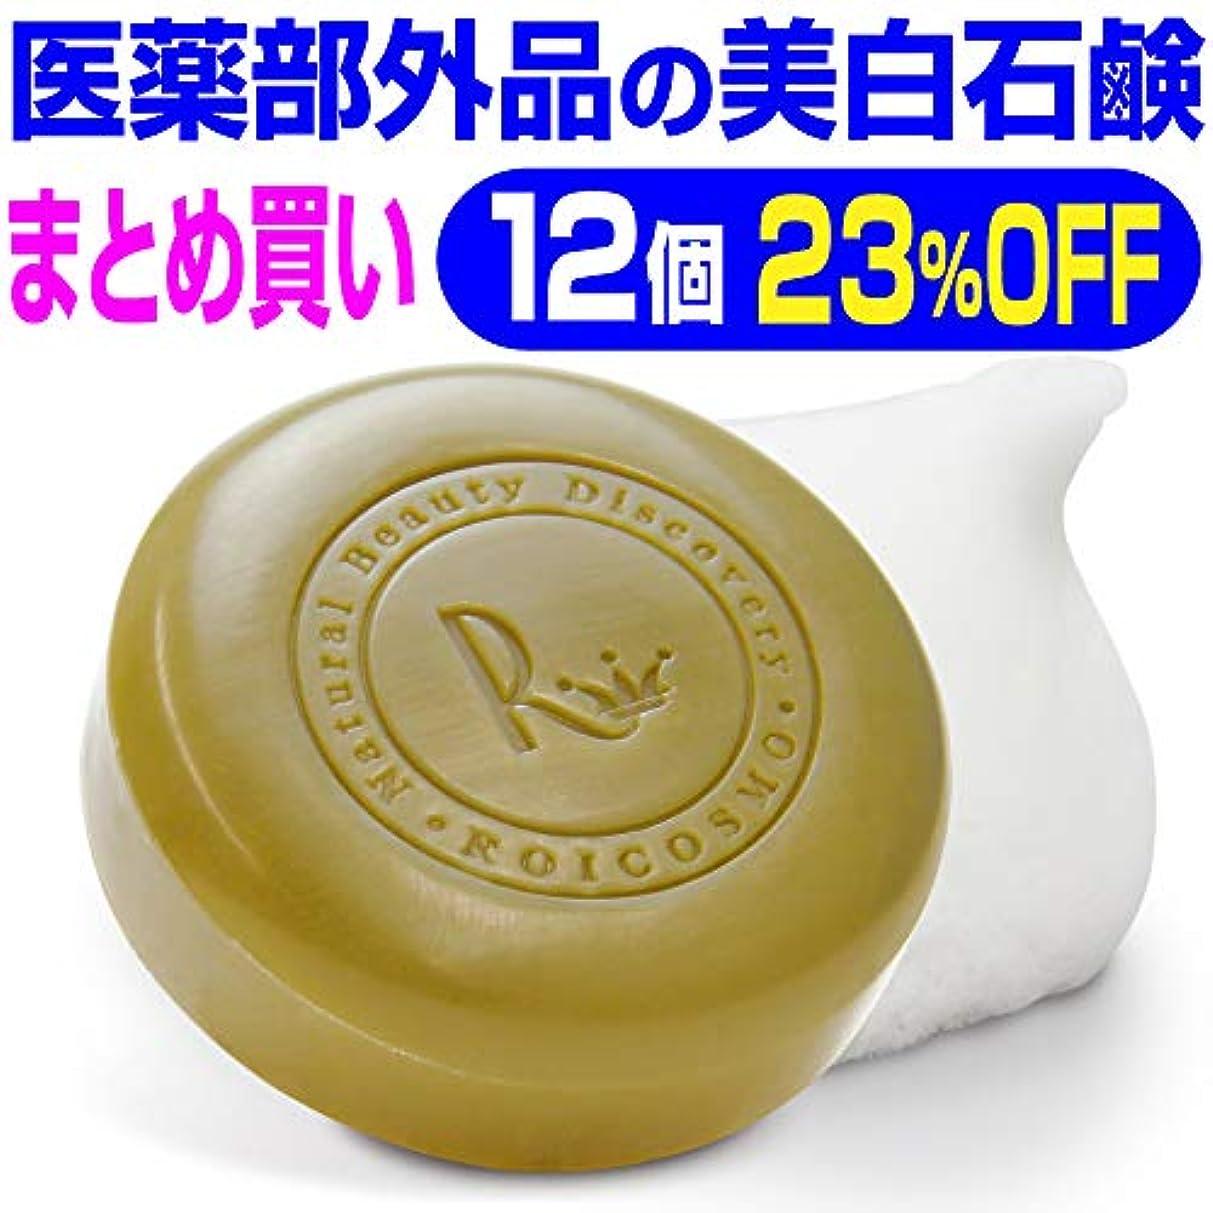 レッスン望ましい人形12個まとめ買い23%OFF 美白石鹸/ビタミンC270倍の美白成分配合の 洗顔石鹸『ホワイトソープ100g×12個』